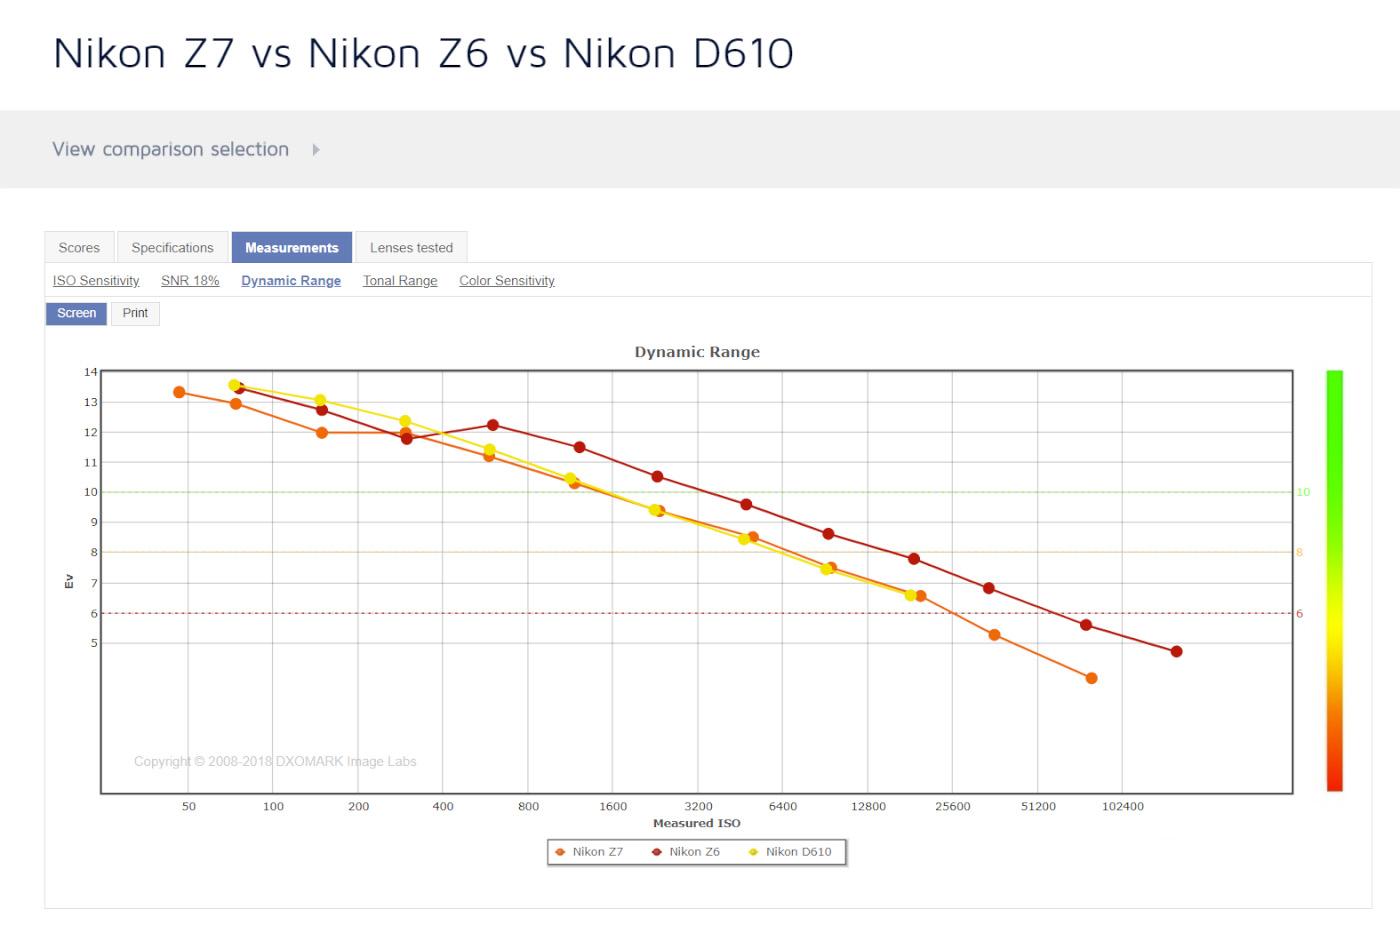 График сравнения матриц Никон Д610, Зет 6 и Зет 7 по динамическому диапазону.